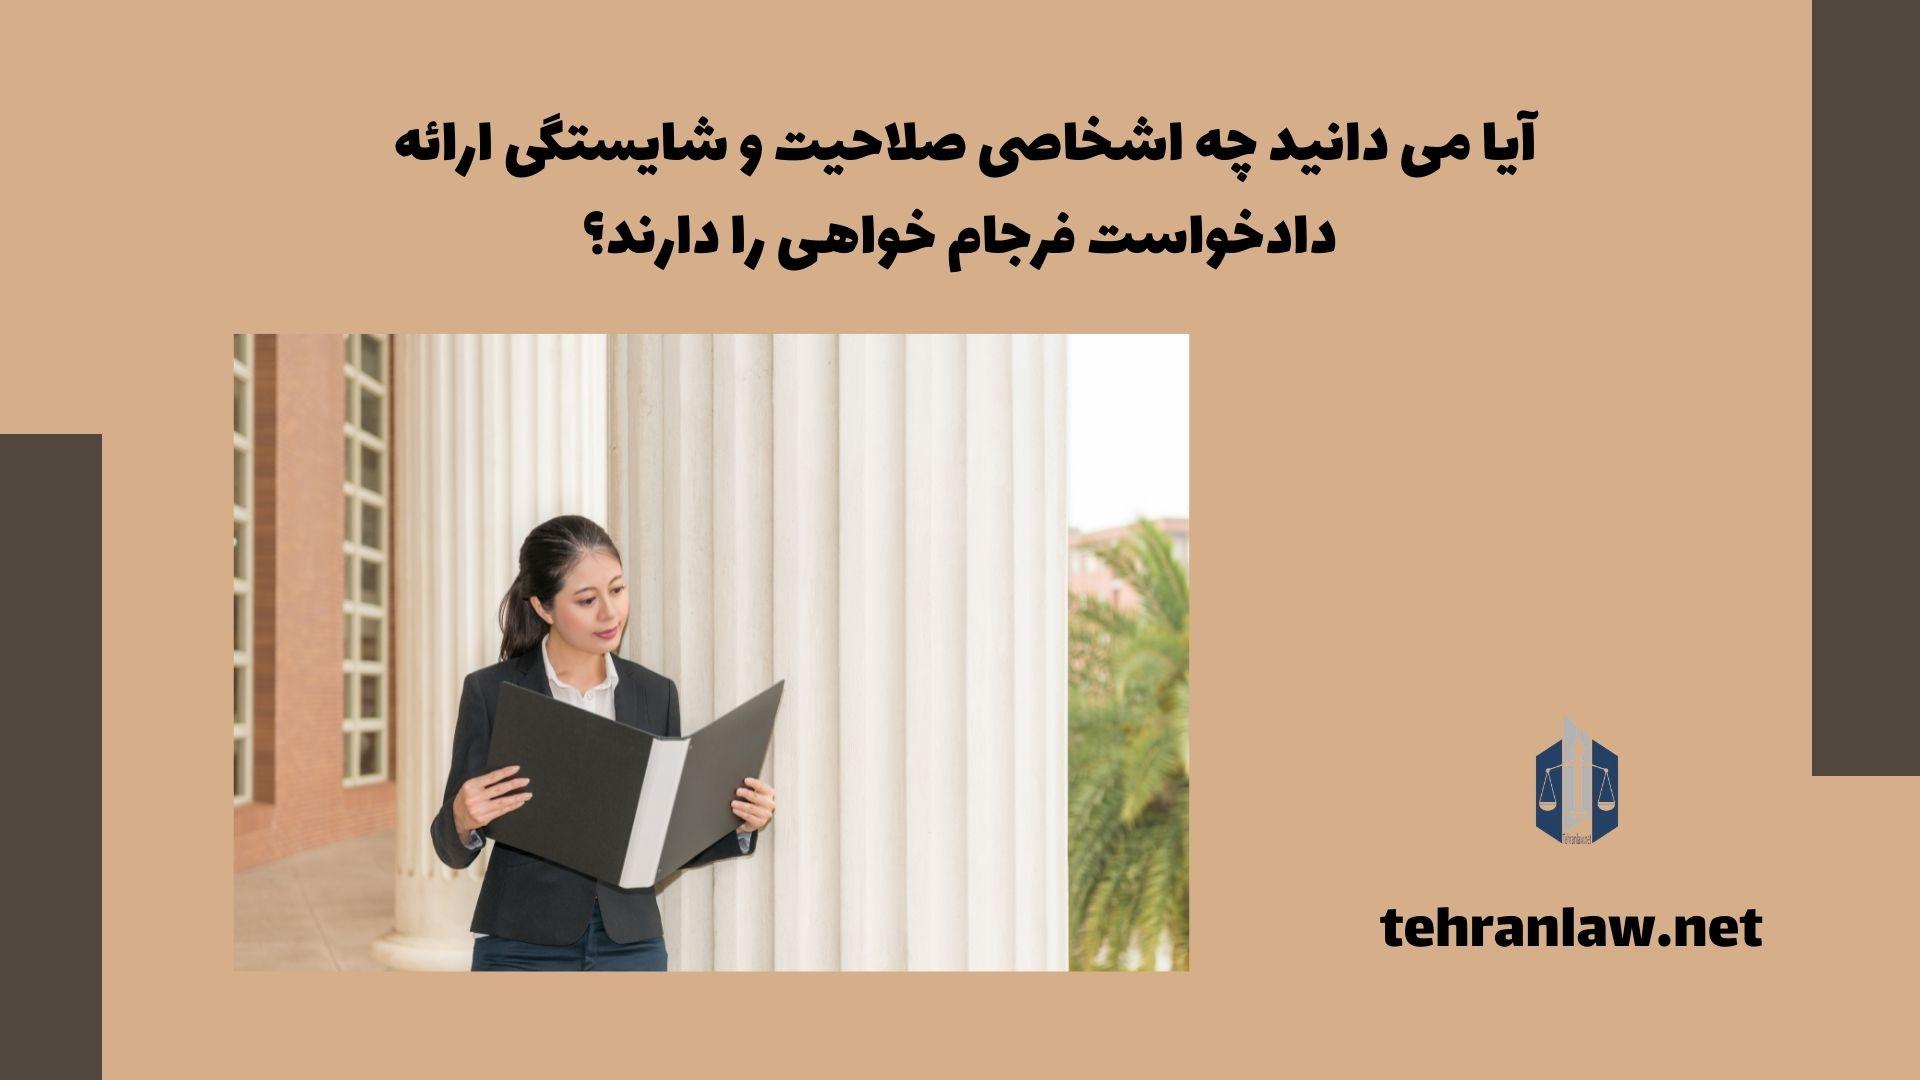 آیا می دانید که چه اشخاصی صلاحیت و شایستگی ارائه دادخواست فرجام خواهی را دارند؟